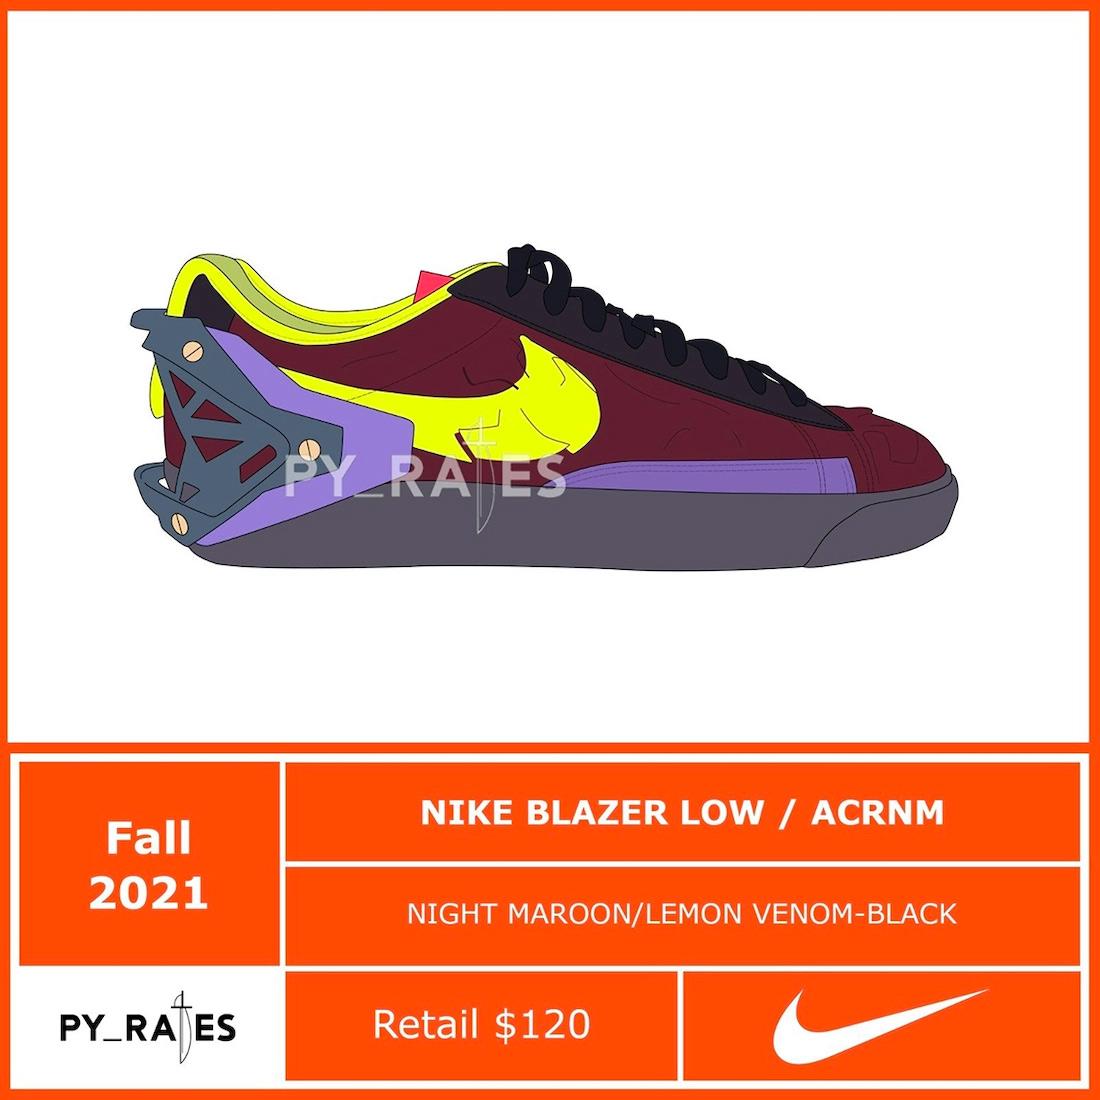 又要,合,作了,ACRONYM,Nike,新联名,新,联名,  又要合作了!ACRONYM x Nike 新联名首次曝光!